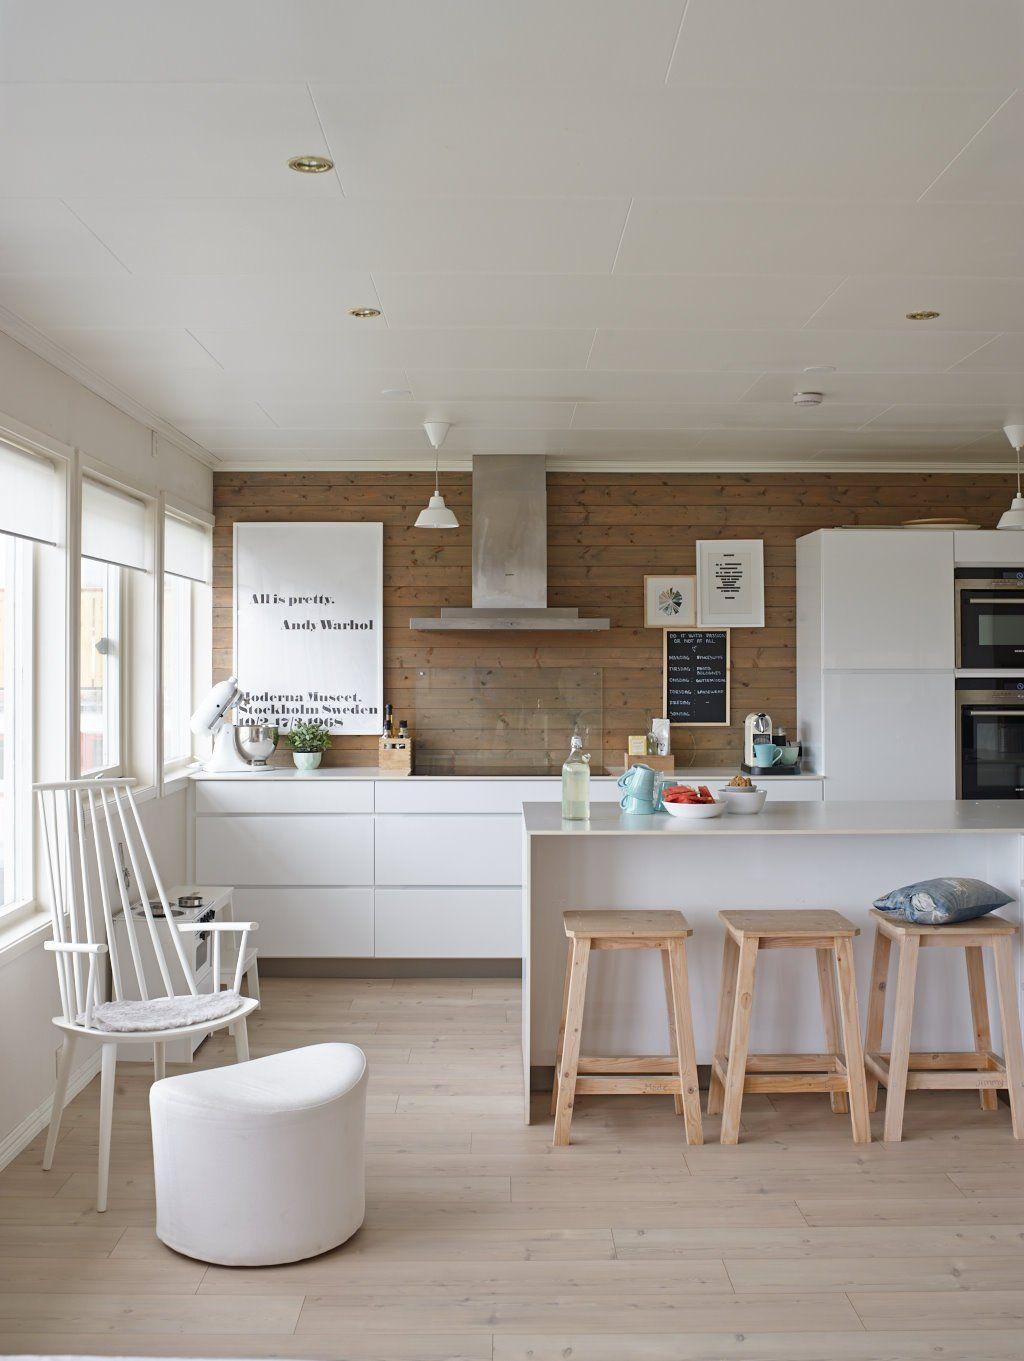 Blanco en textiles y muebles en una casa donde viven niños | Ideas ...